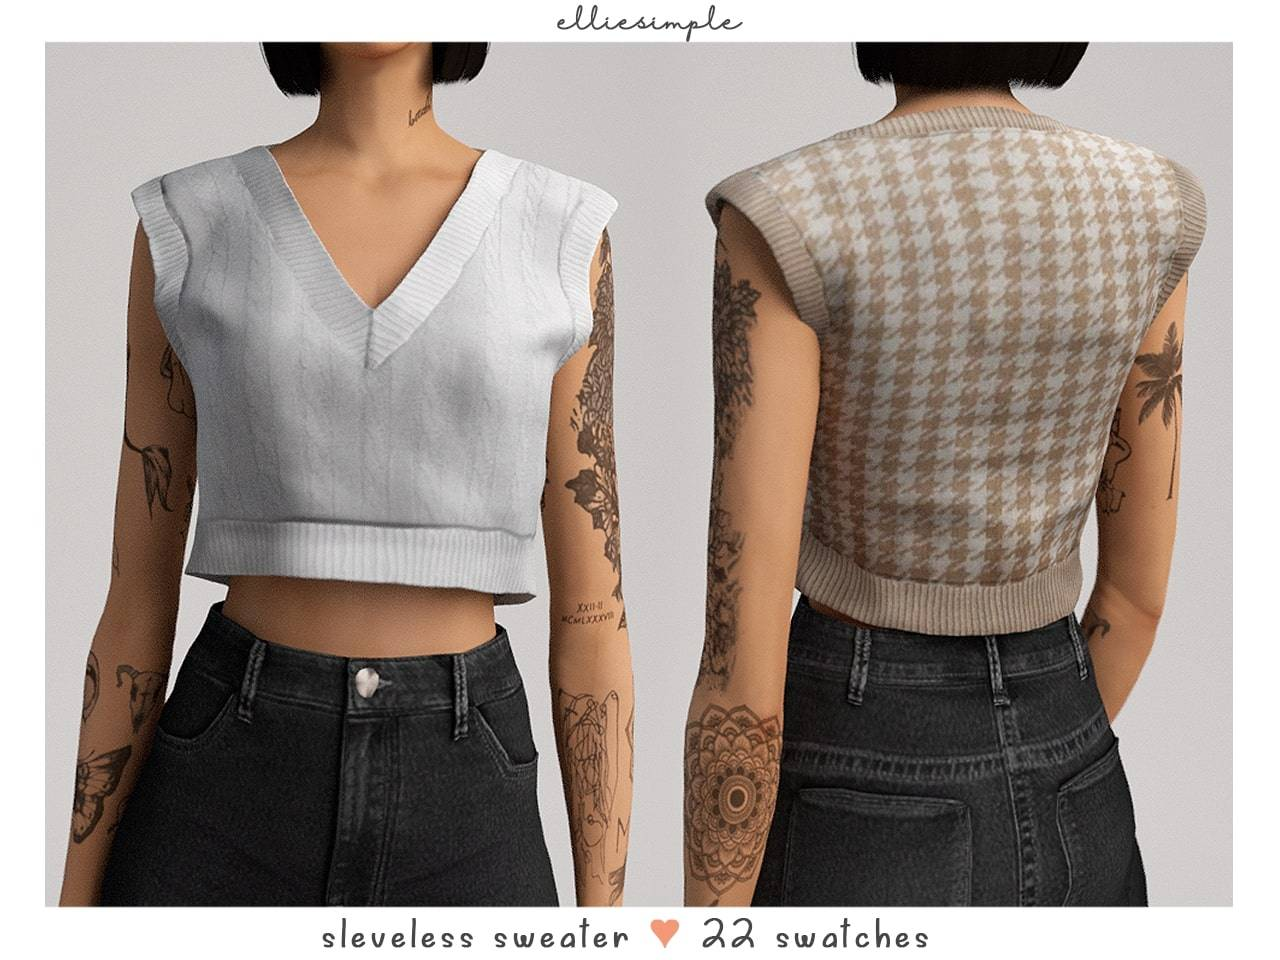 Женский жилет - sleeveless sweater